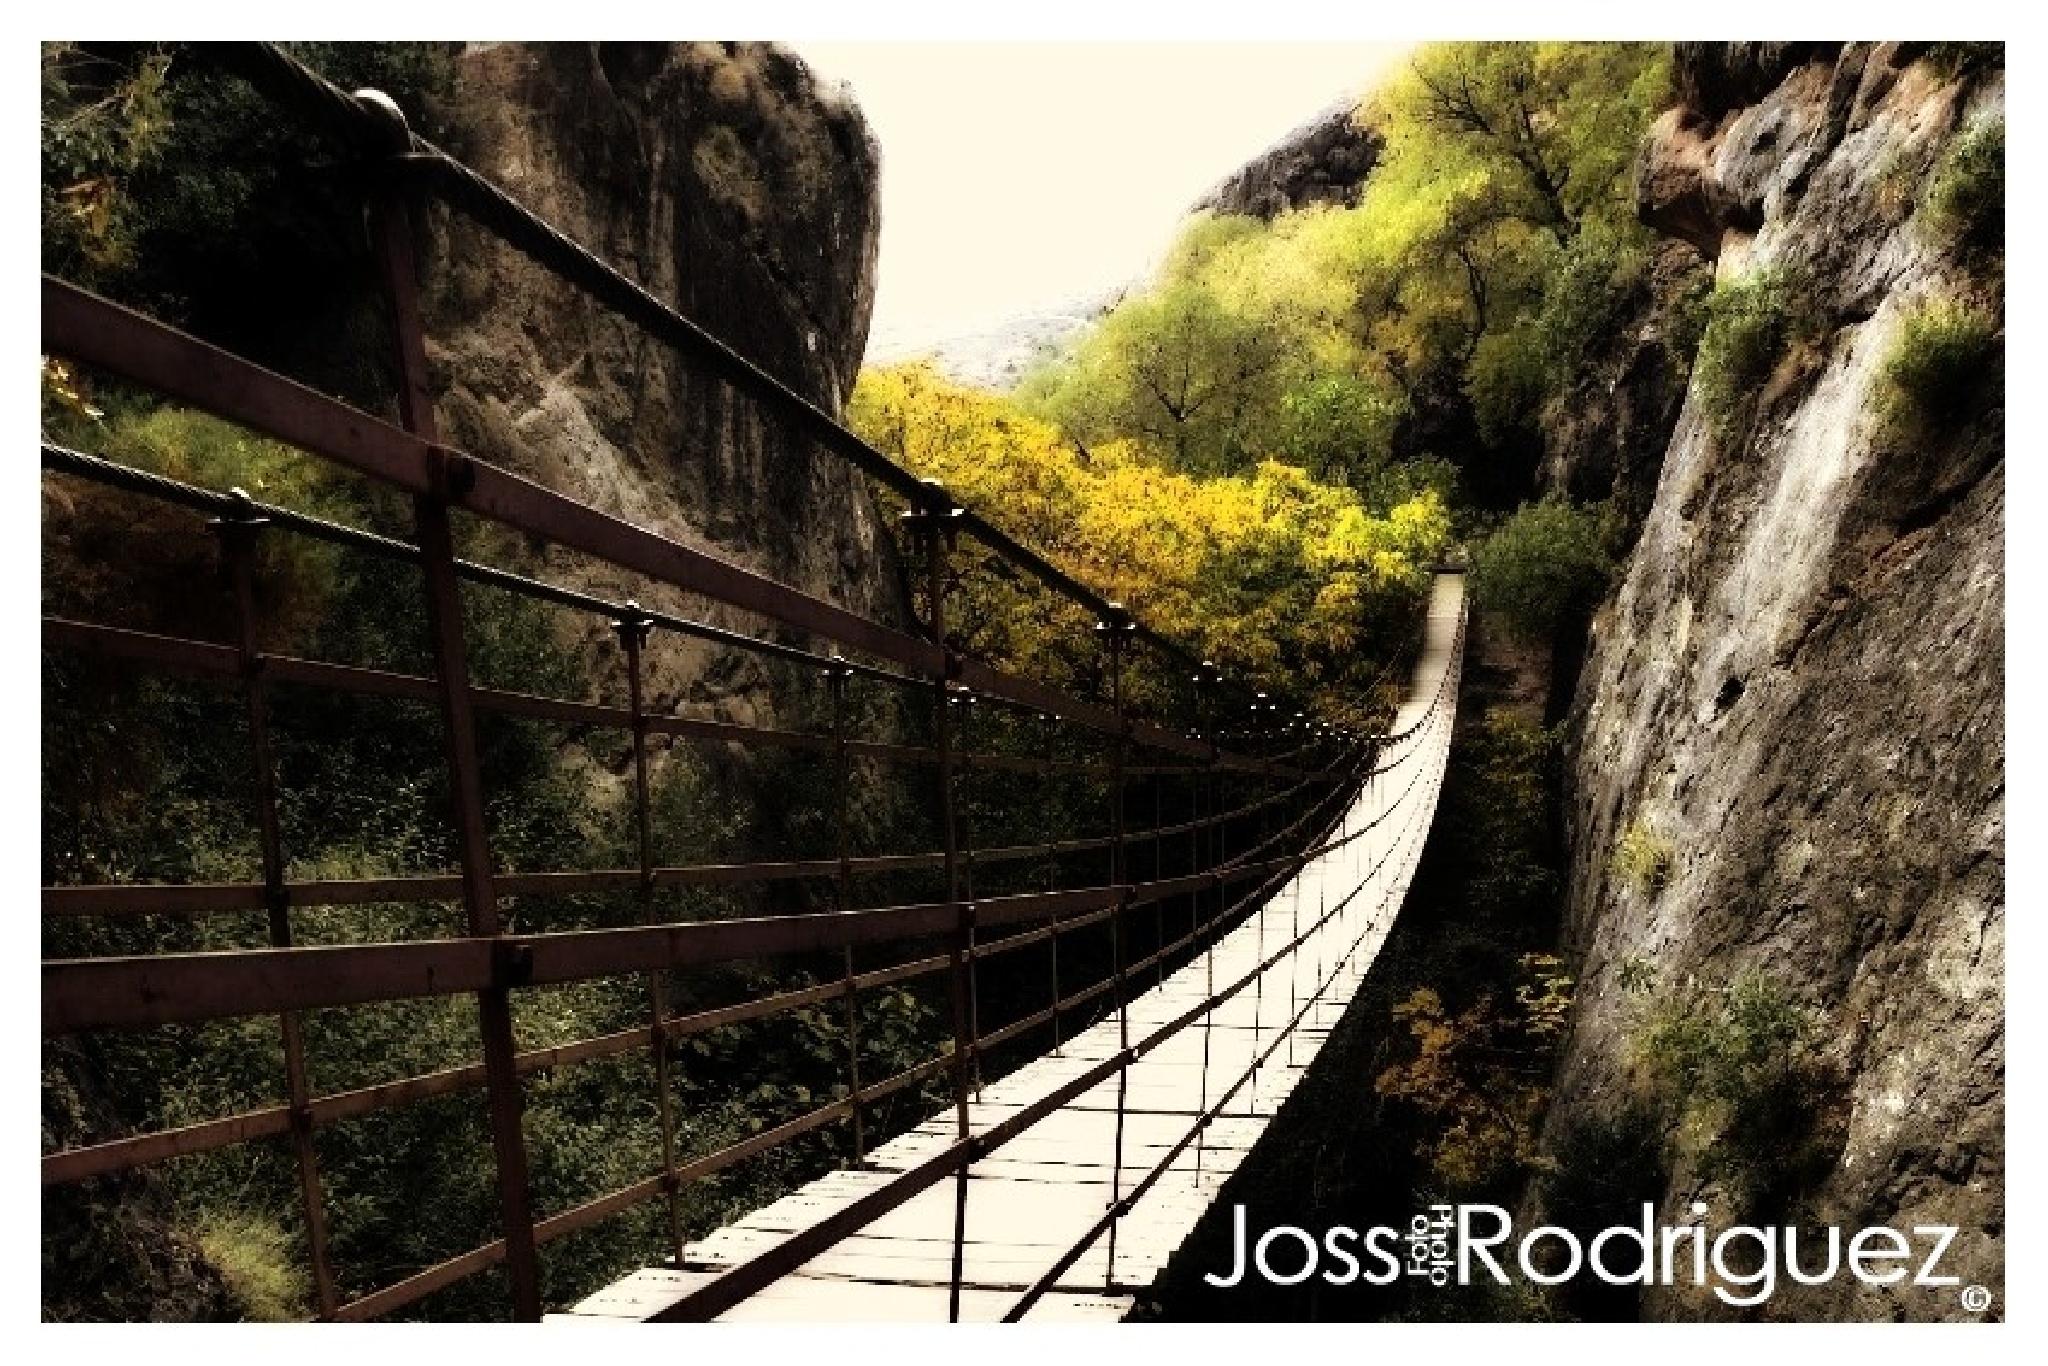 Los Cahorros Puente by Joss Rodríguez